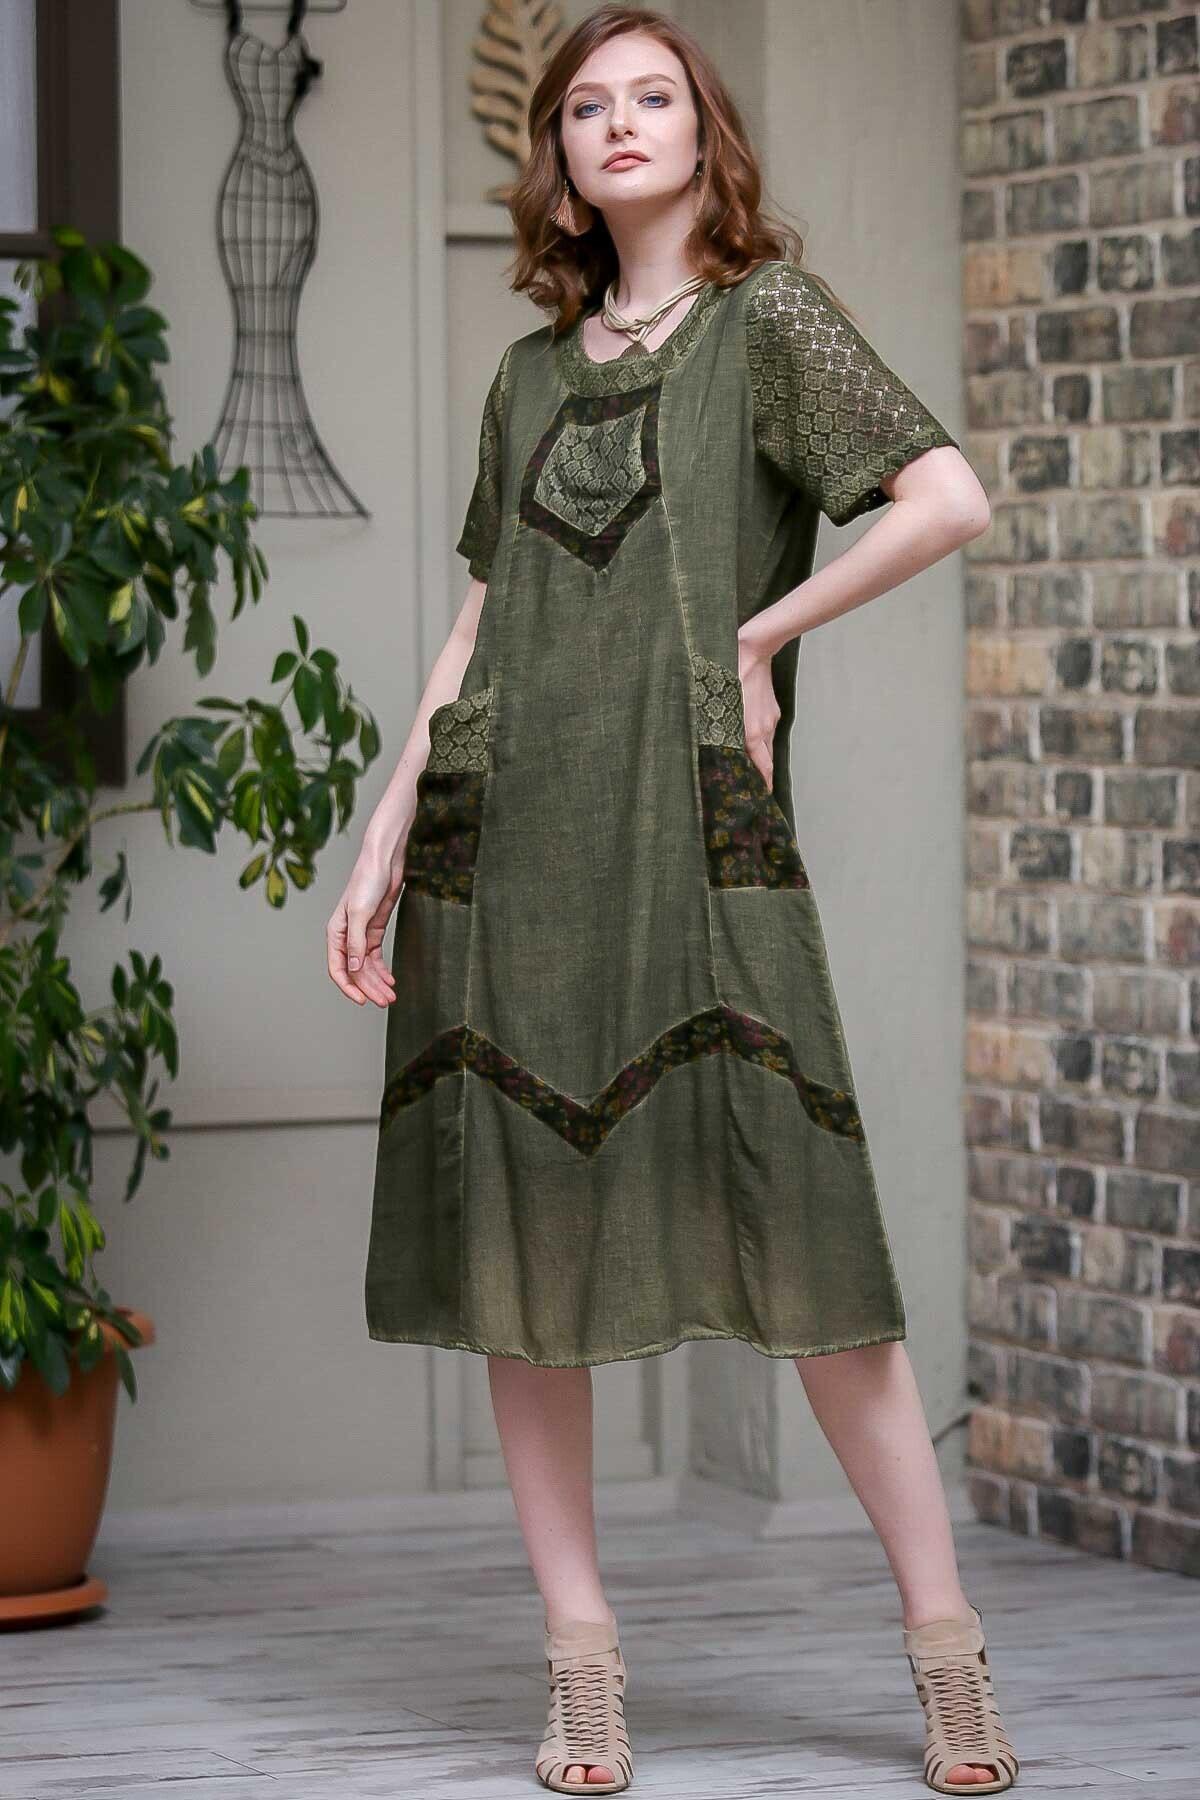 Chiccy Kadın Fuşya Dantel Kol Ve Tülbent Detaylı Cepli Astarlı Yıkamalı Dokuma Elbise  M10160000EL97240 2